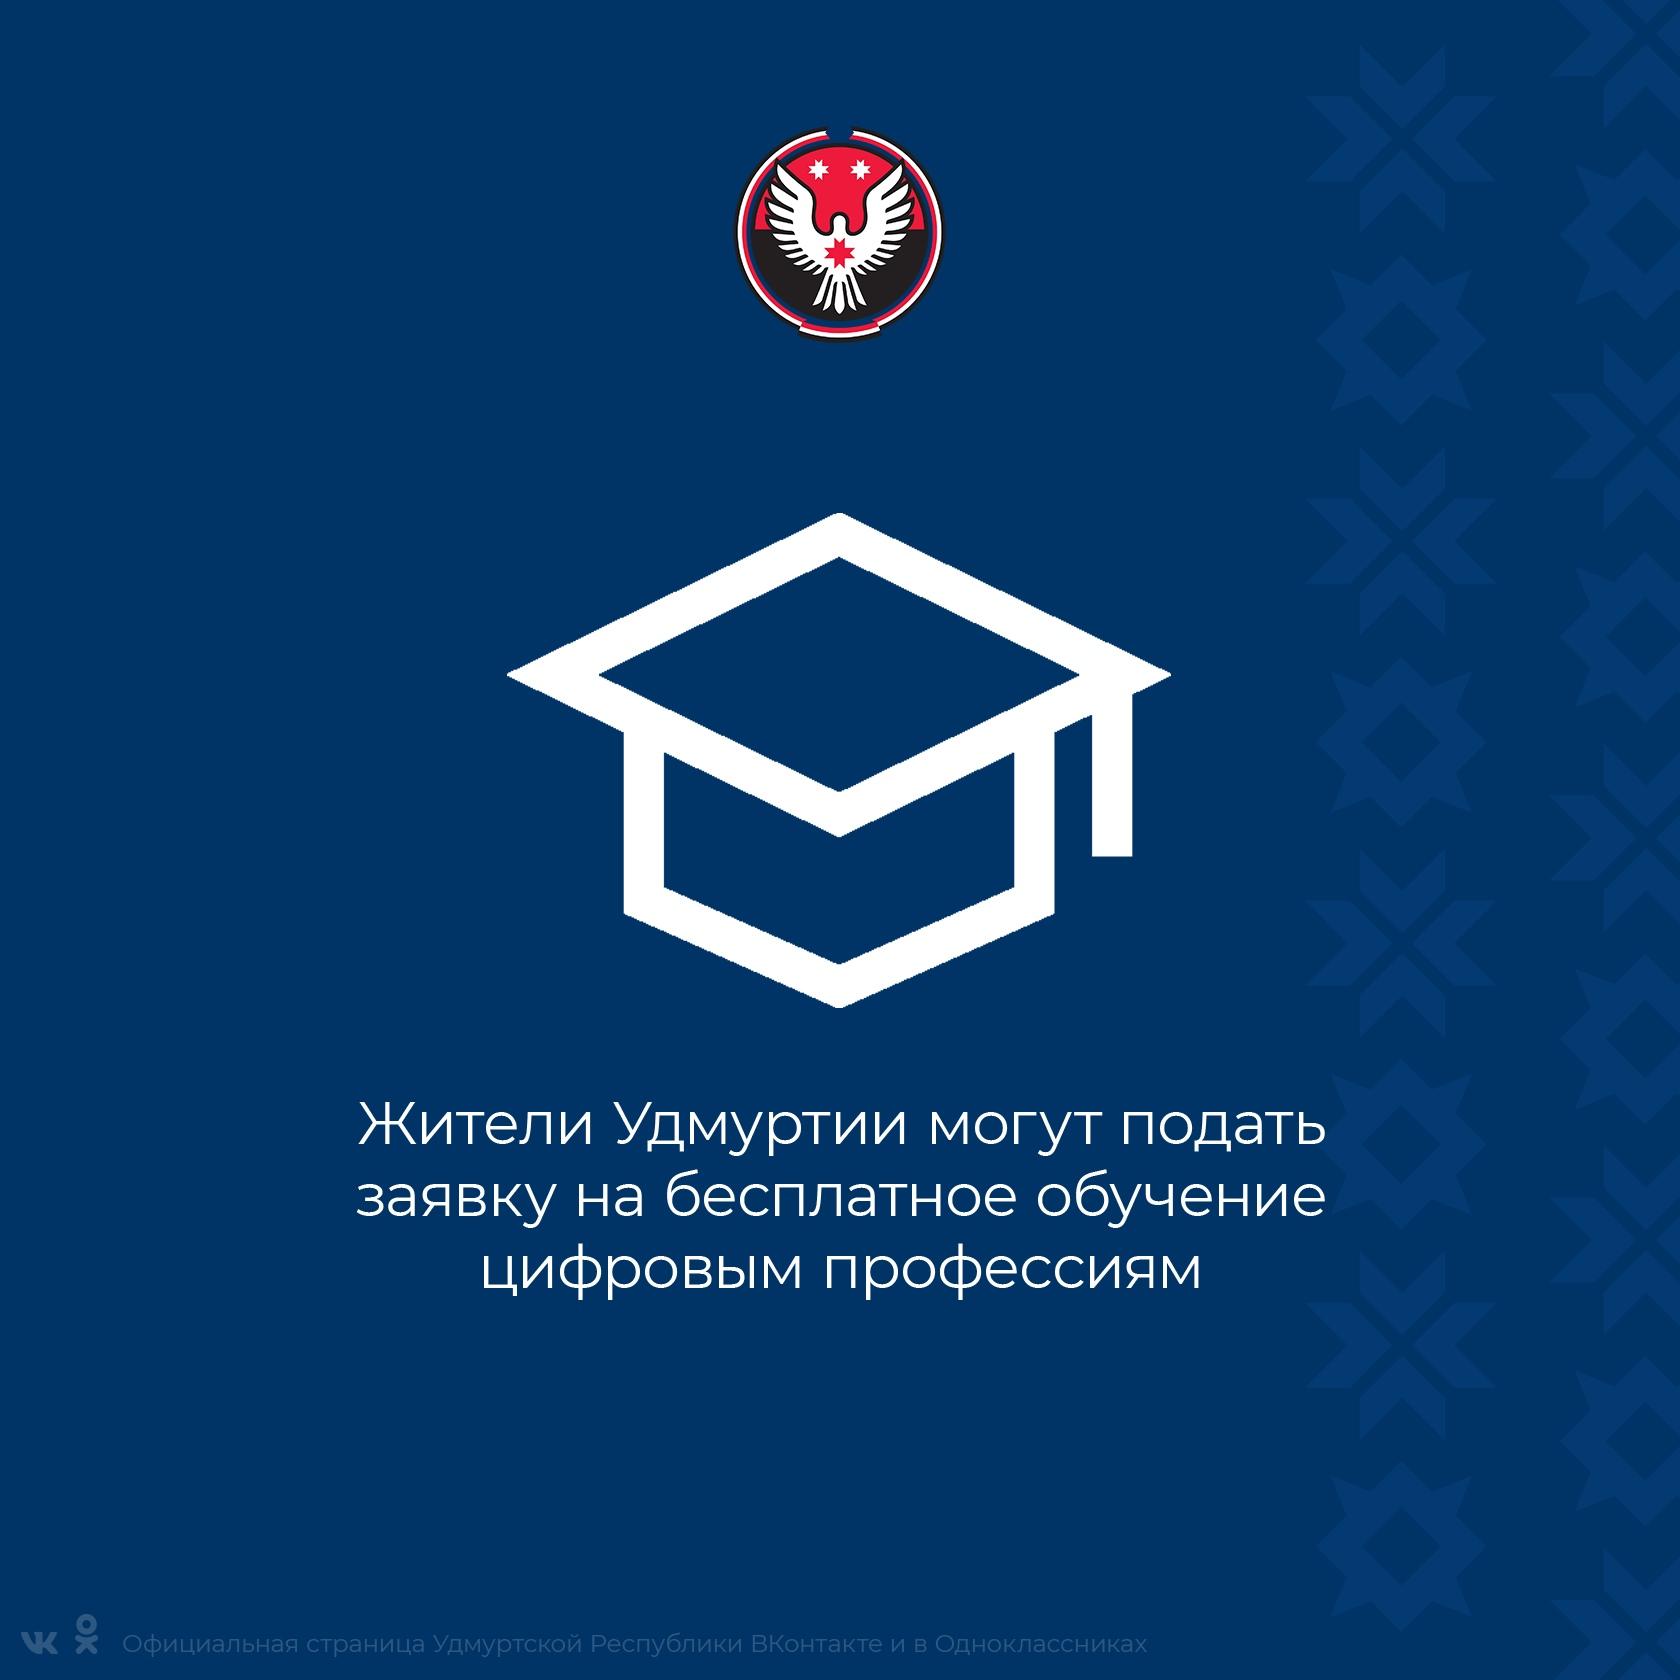 С 15 октября жители Удмуртии могут подать заявку на бесплатное обучение цифровым профессиям.